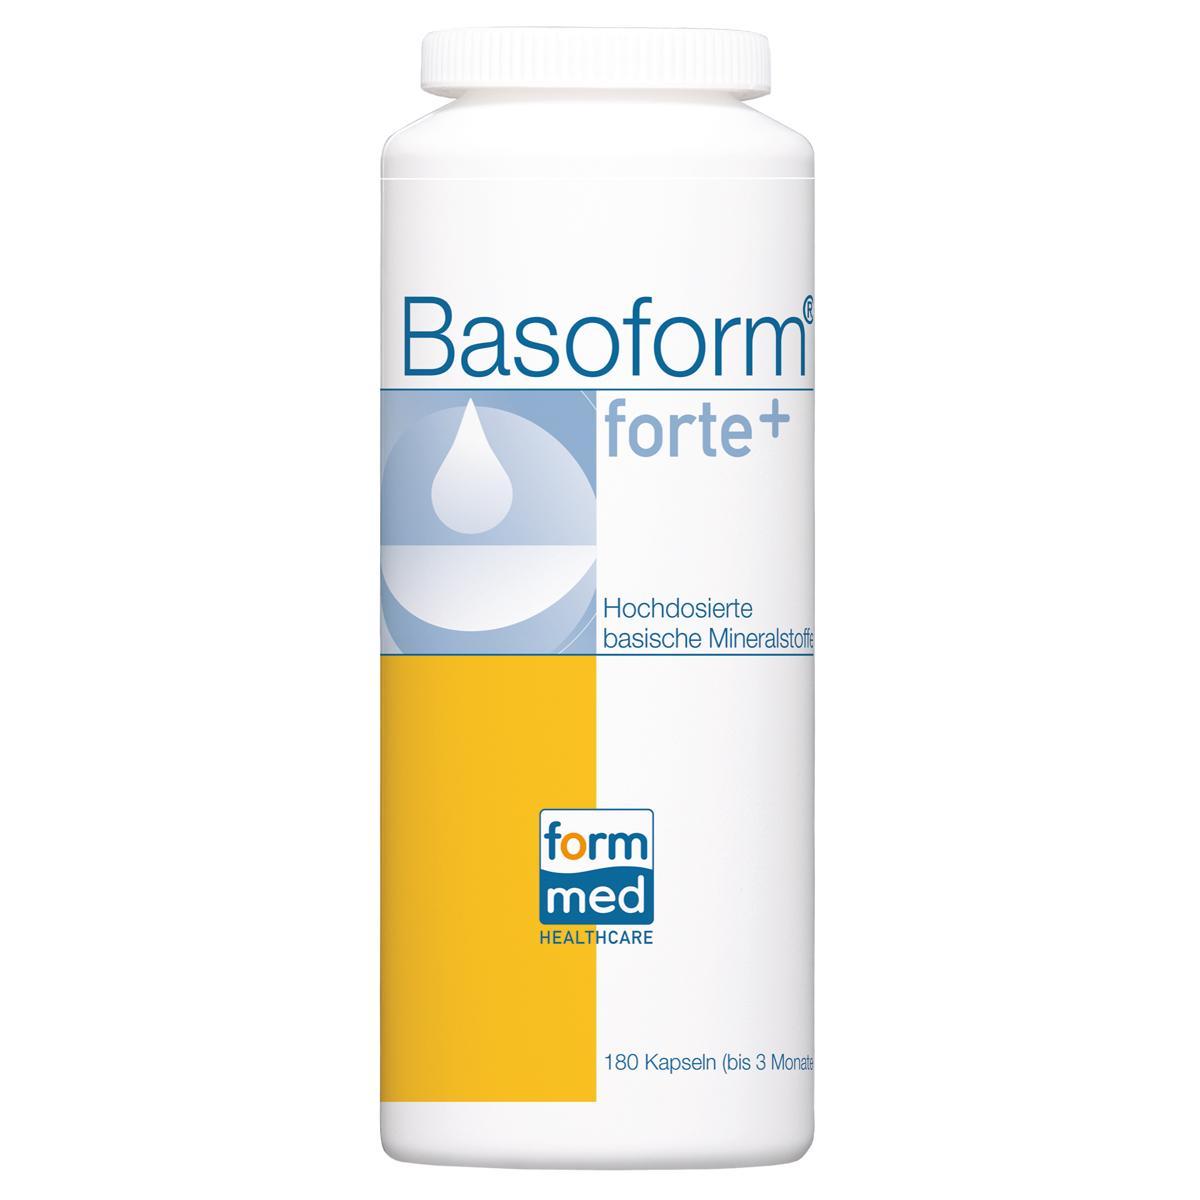 Basoform® forte